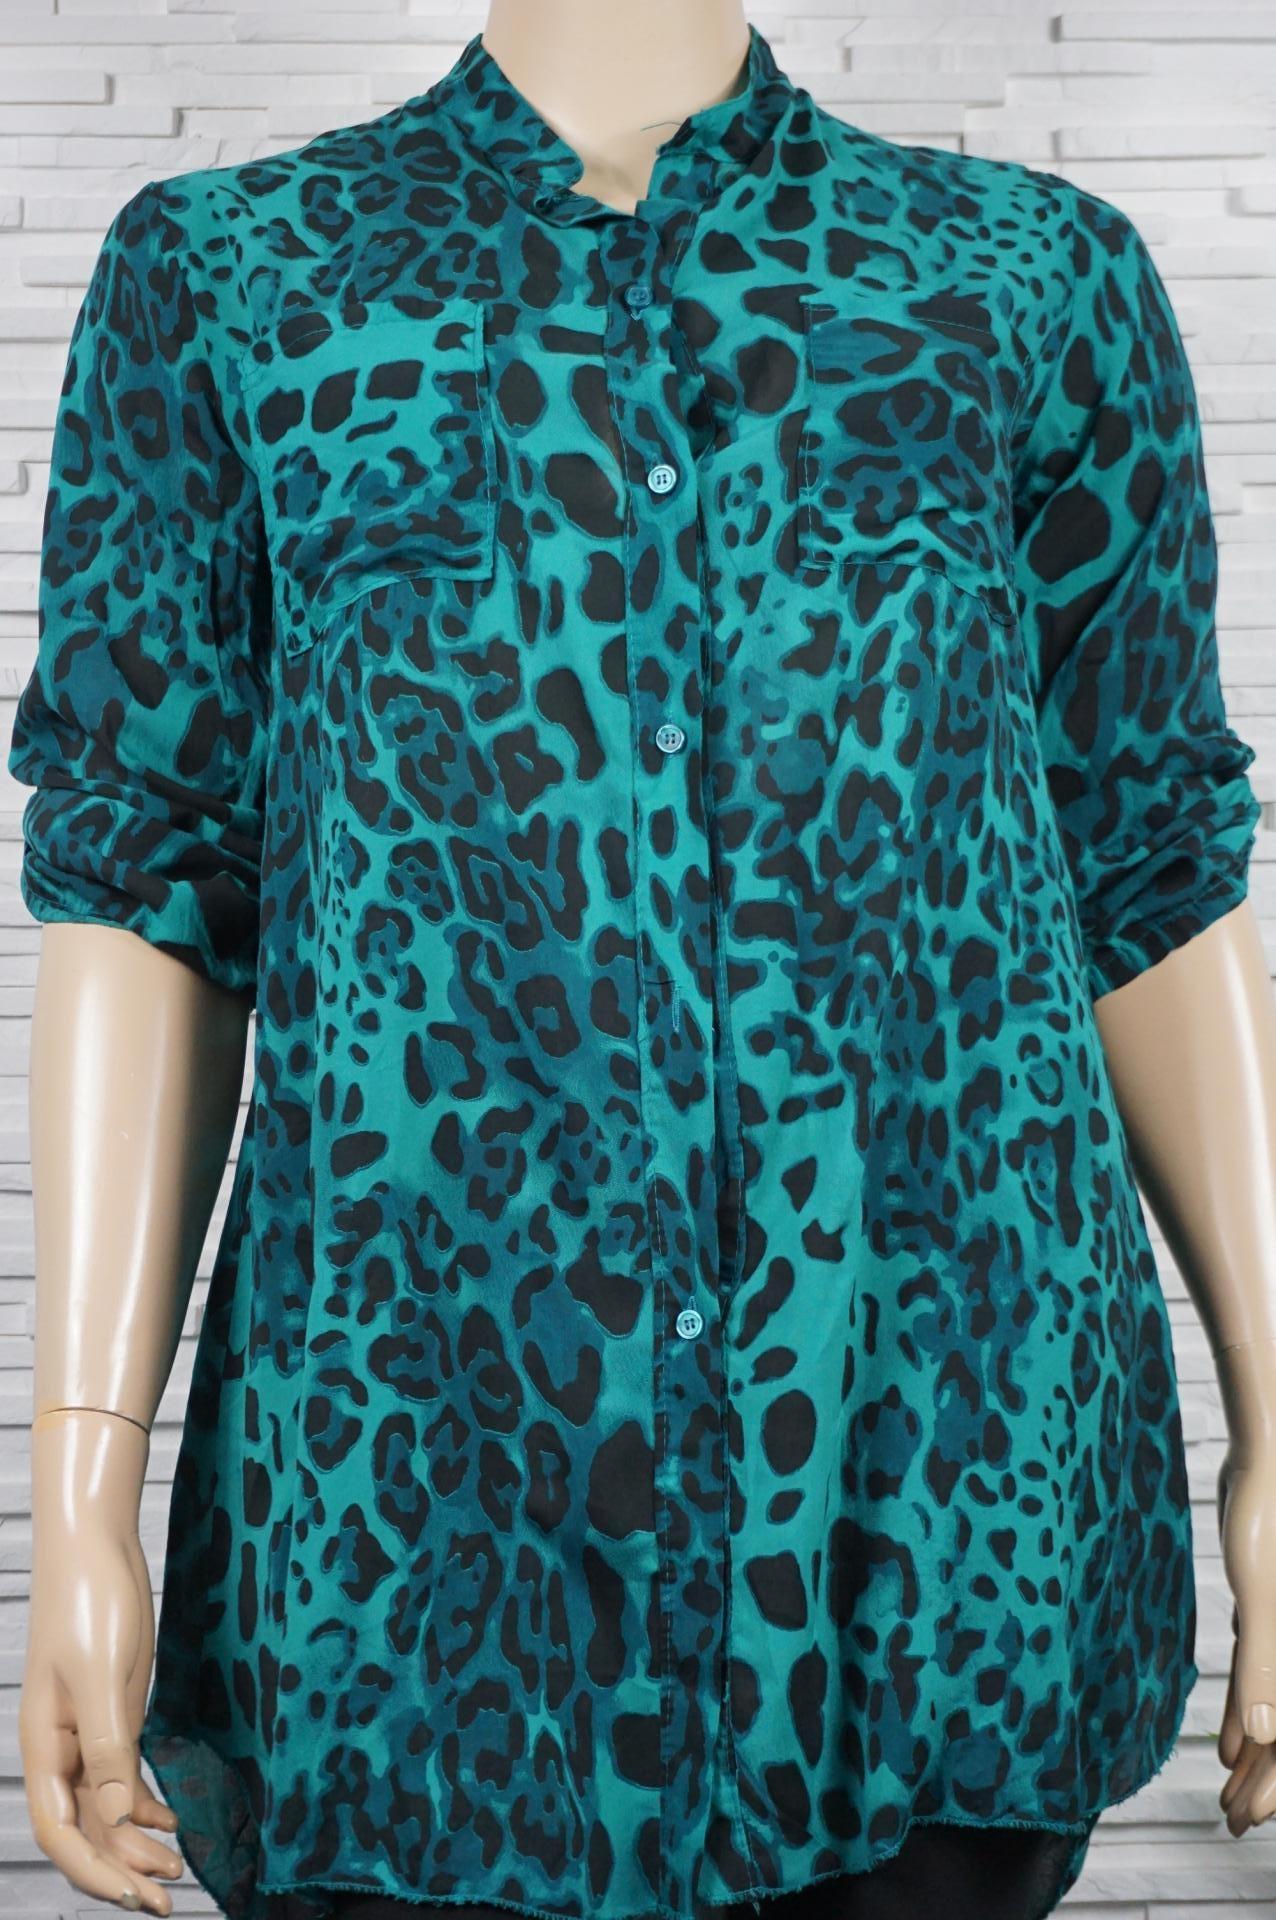 robe/chemise coton iprimé leopard